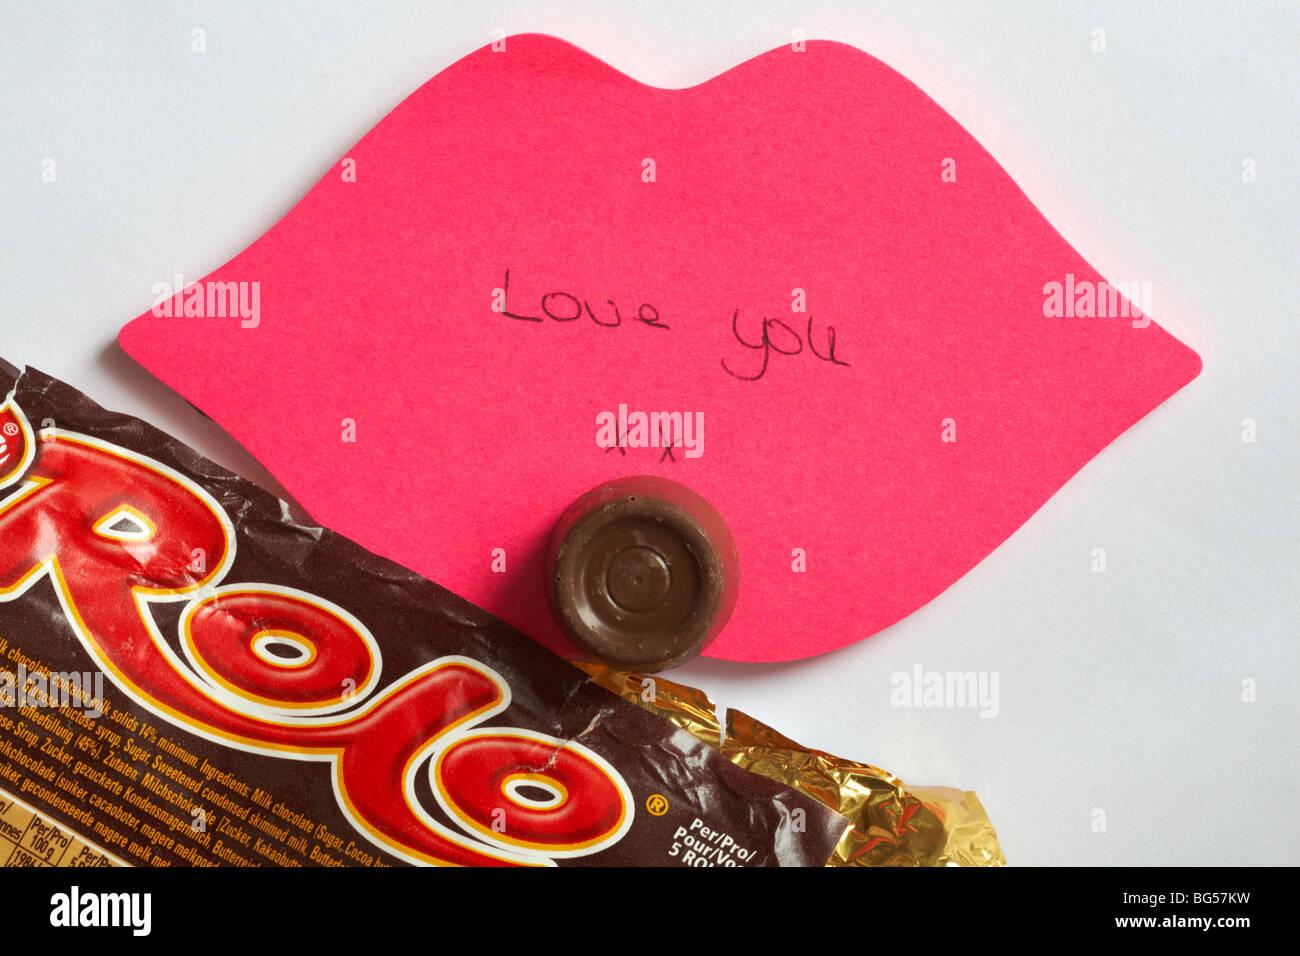 Liebe Dich - Die letzte Rolo - Liebe Sie xx auf rosa Lippen geschrieben Post it Note mit der letzten Rolo des Pakets Stockfoto